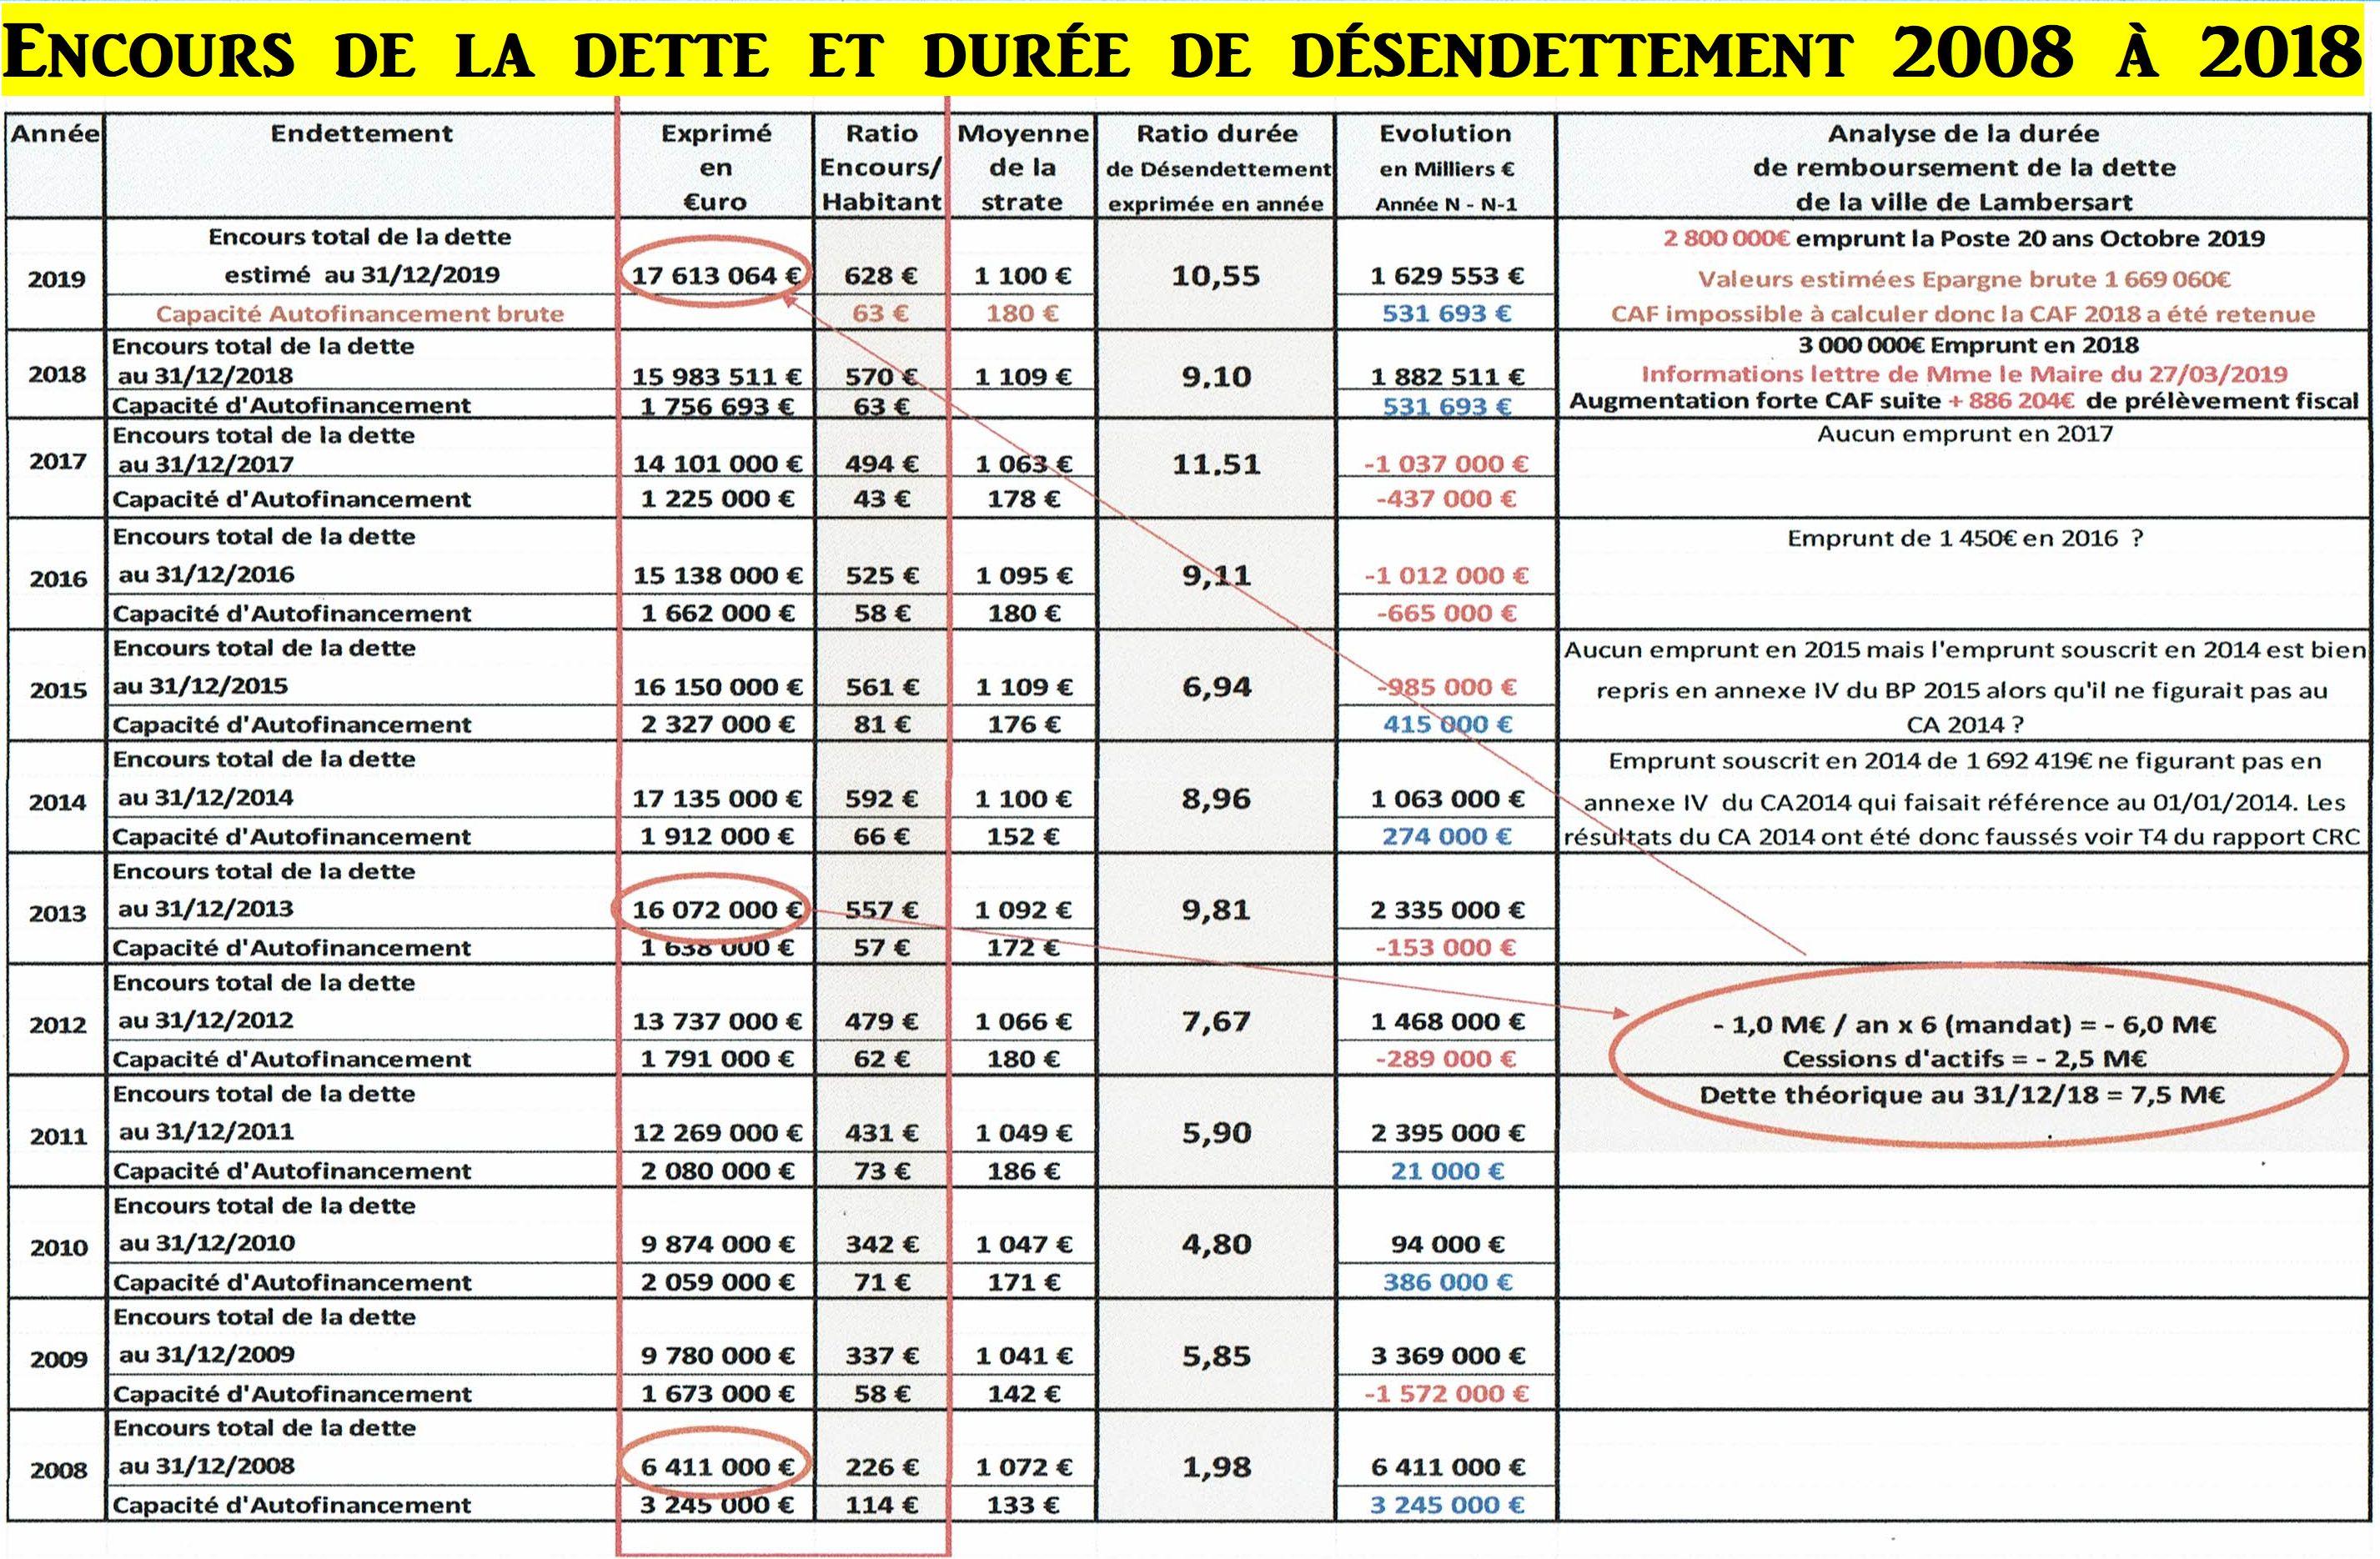 2008-2018 Encours de la dette et durée de désendettement